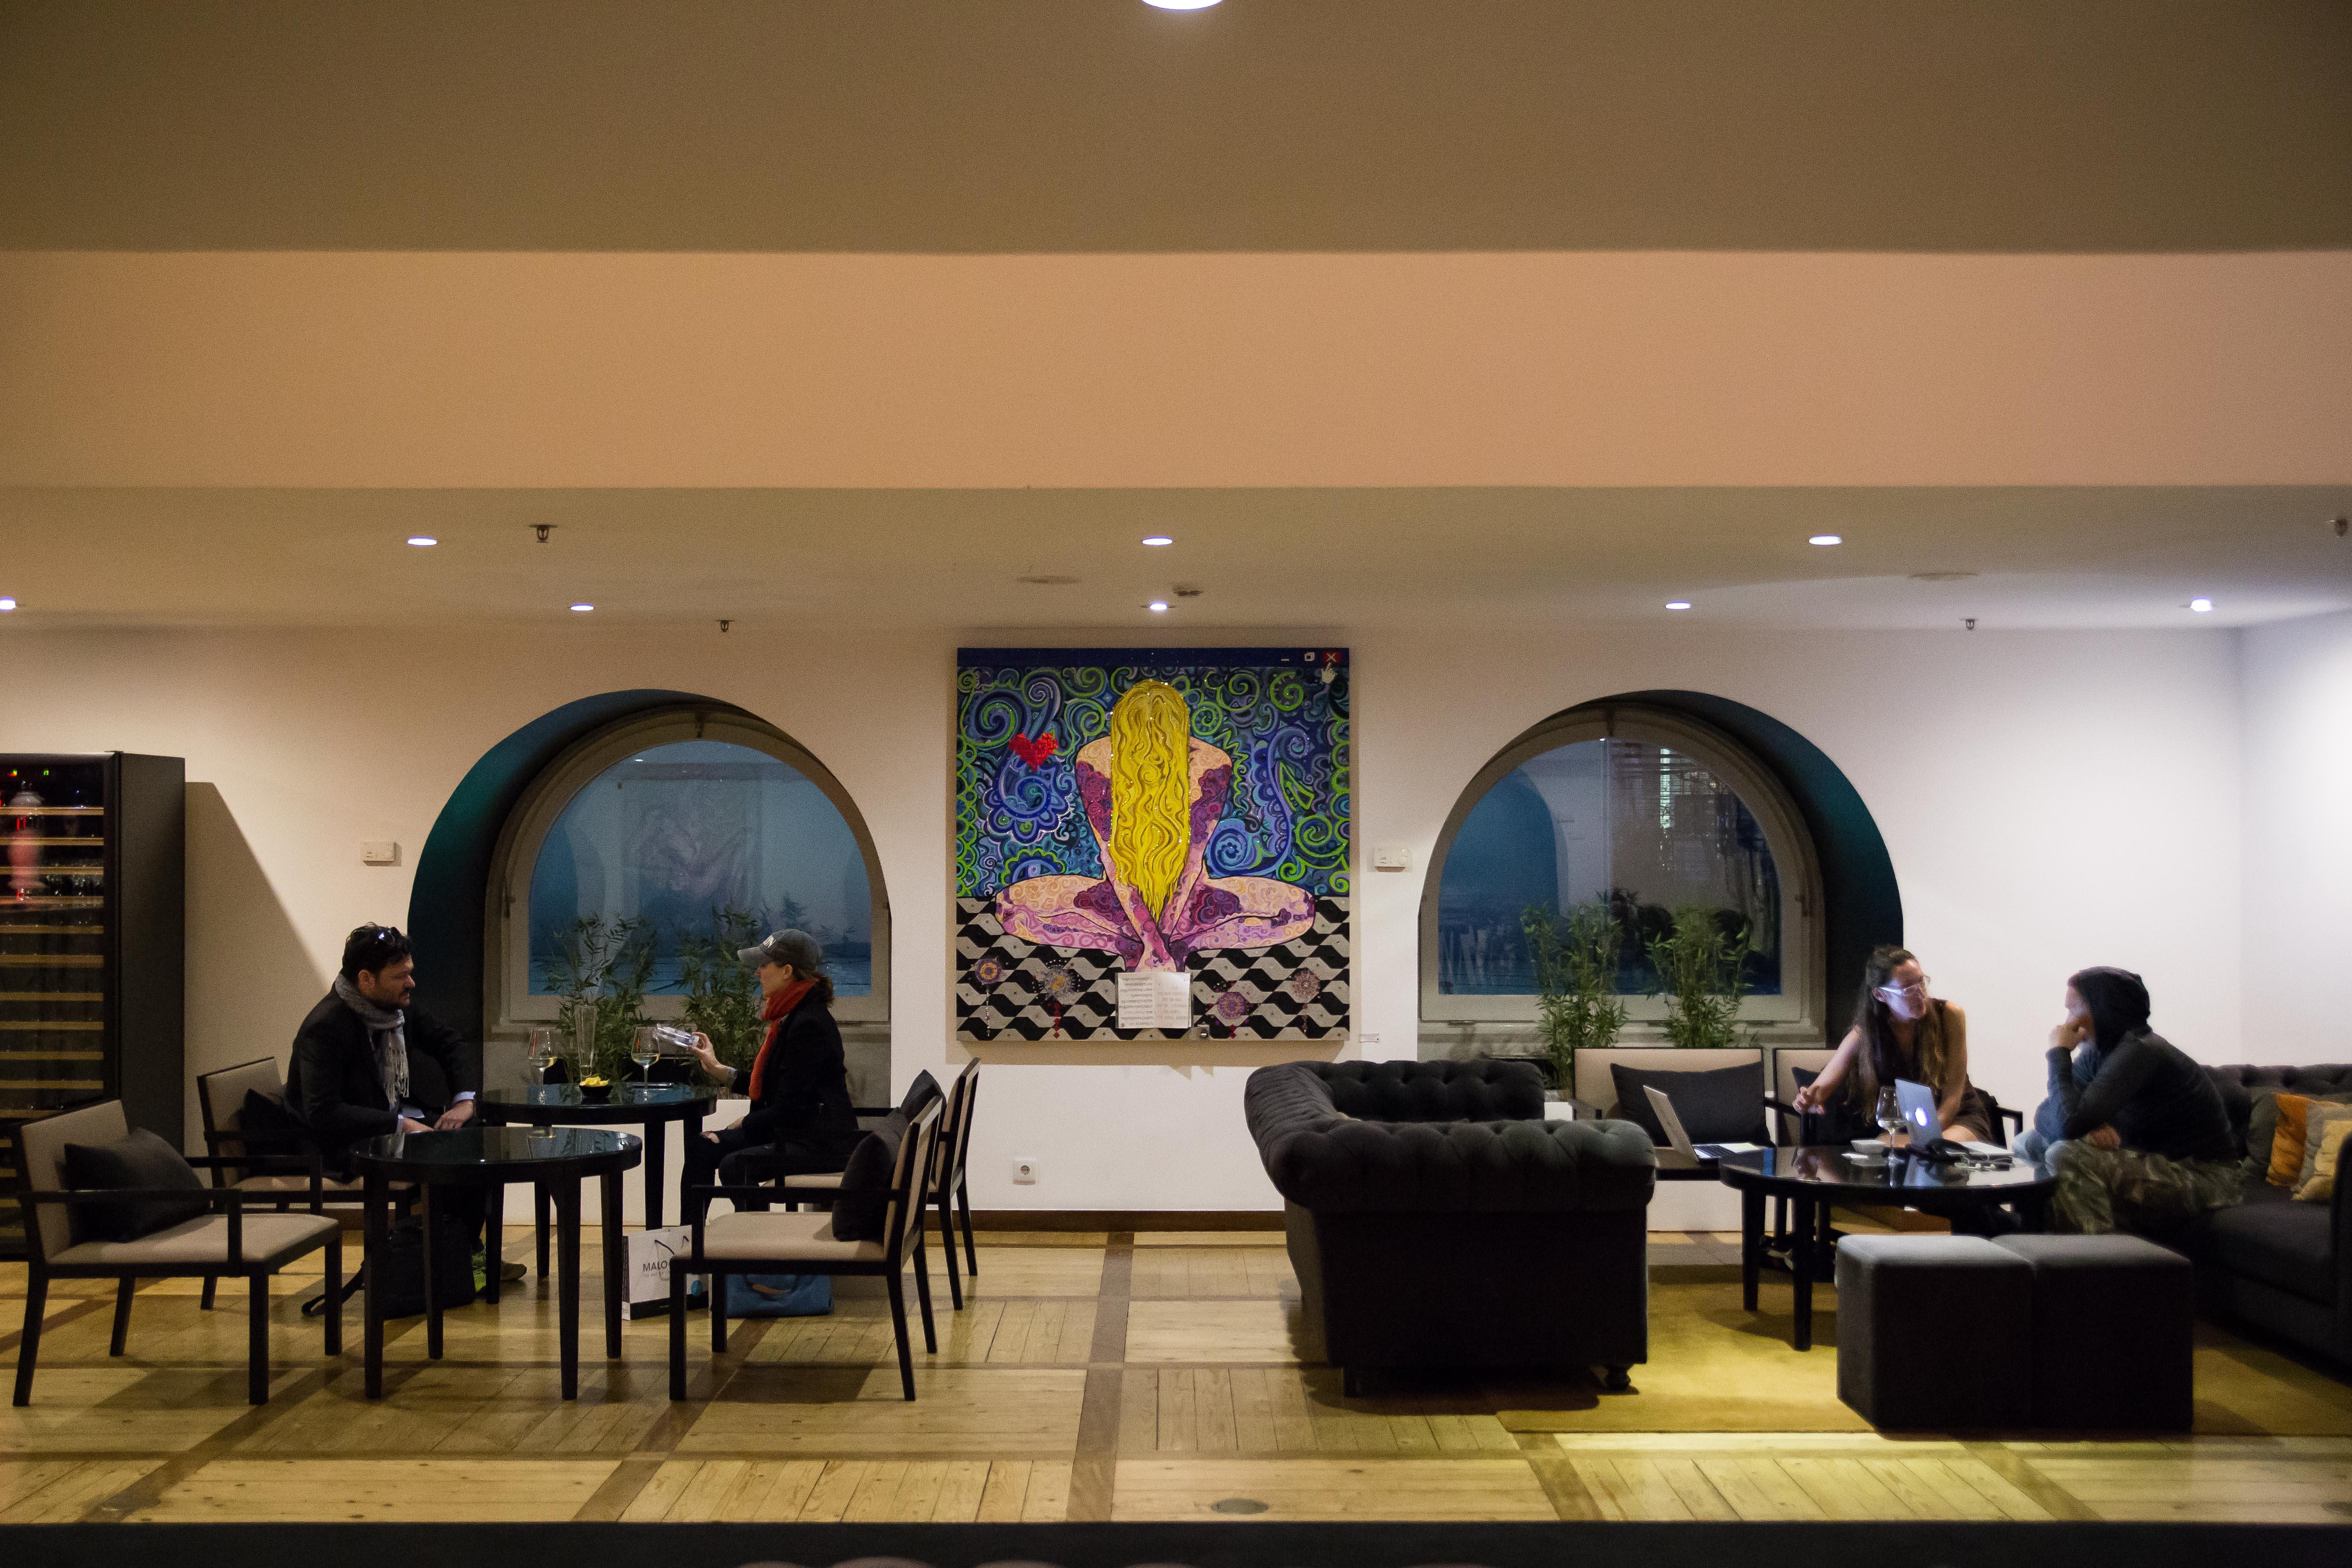 sestant_hotel_do_chiado (1 of 1)